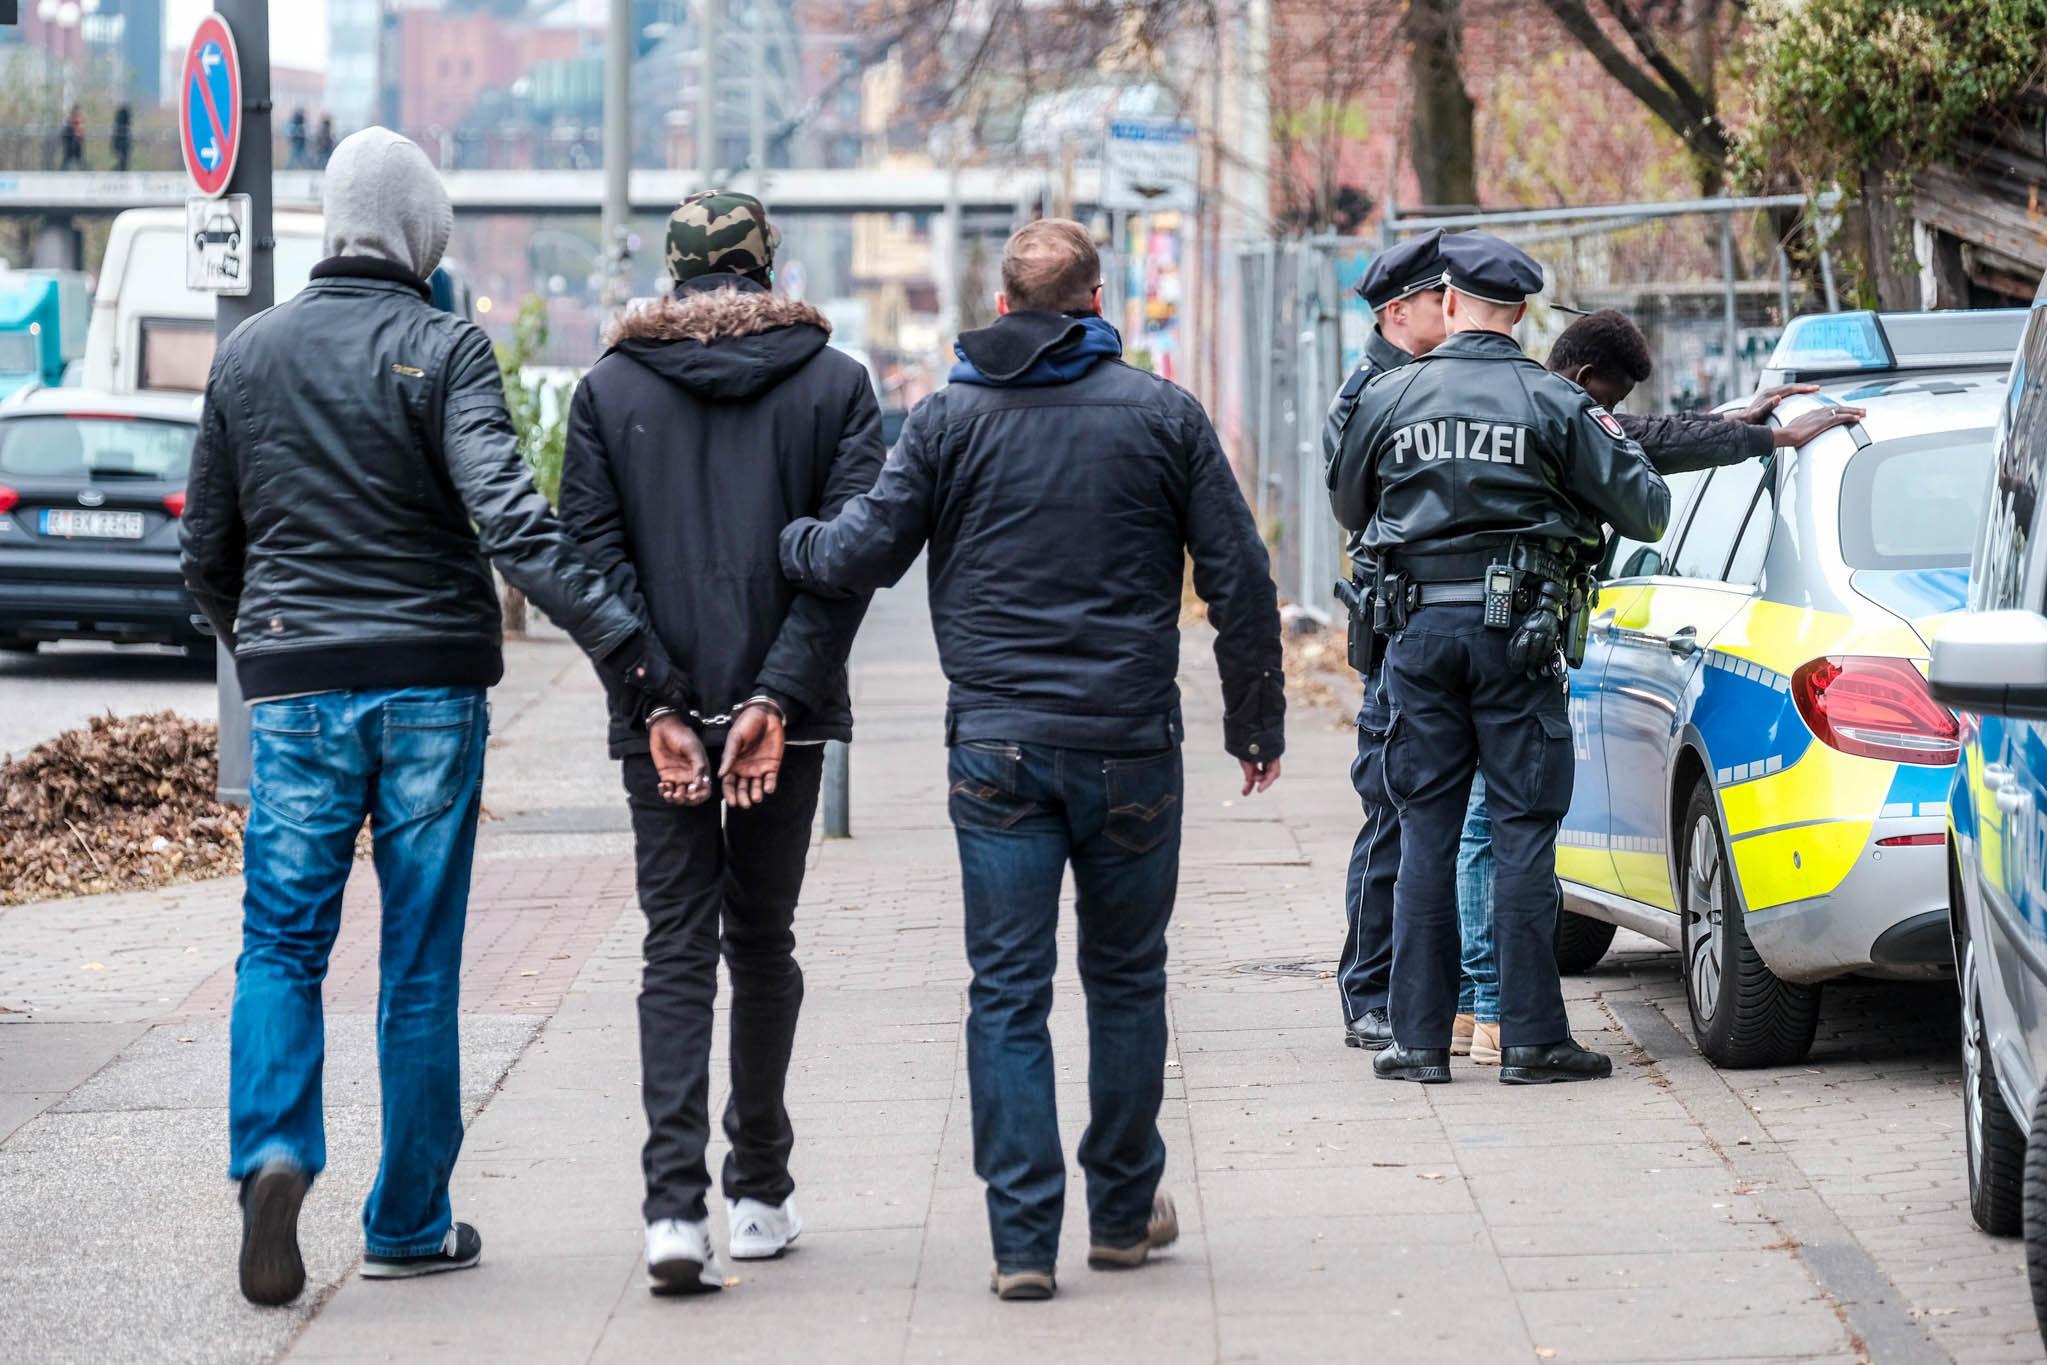 Michael Arning - 2018-11-21 Drogenrazzia an der St.Pauli Hafenstraße